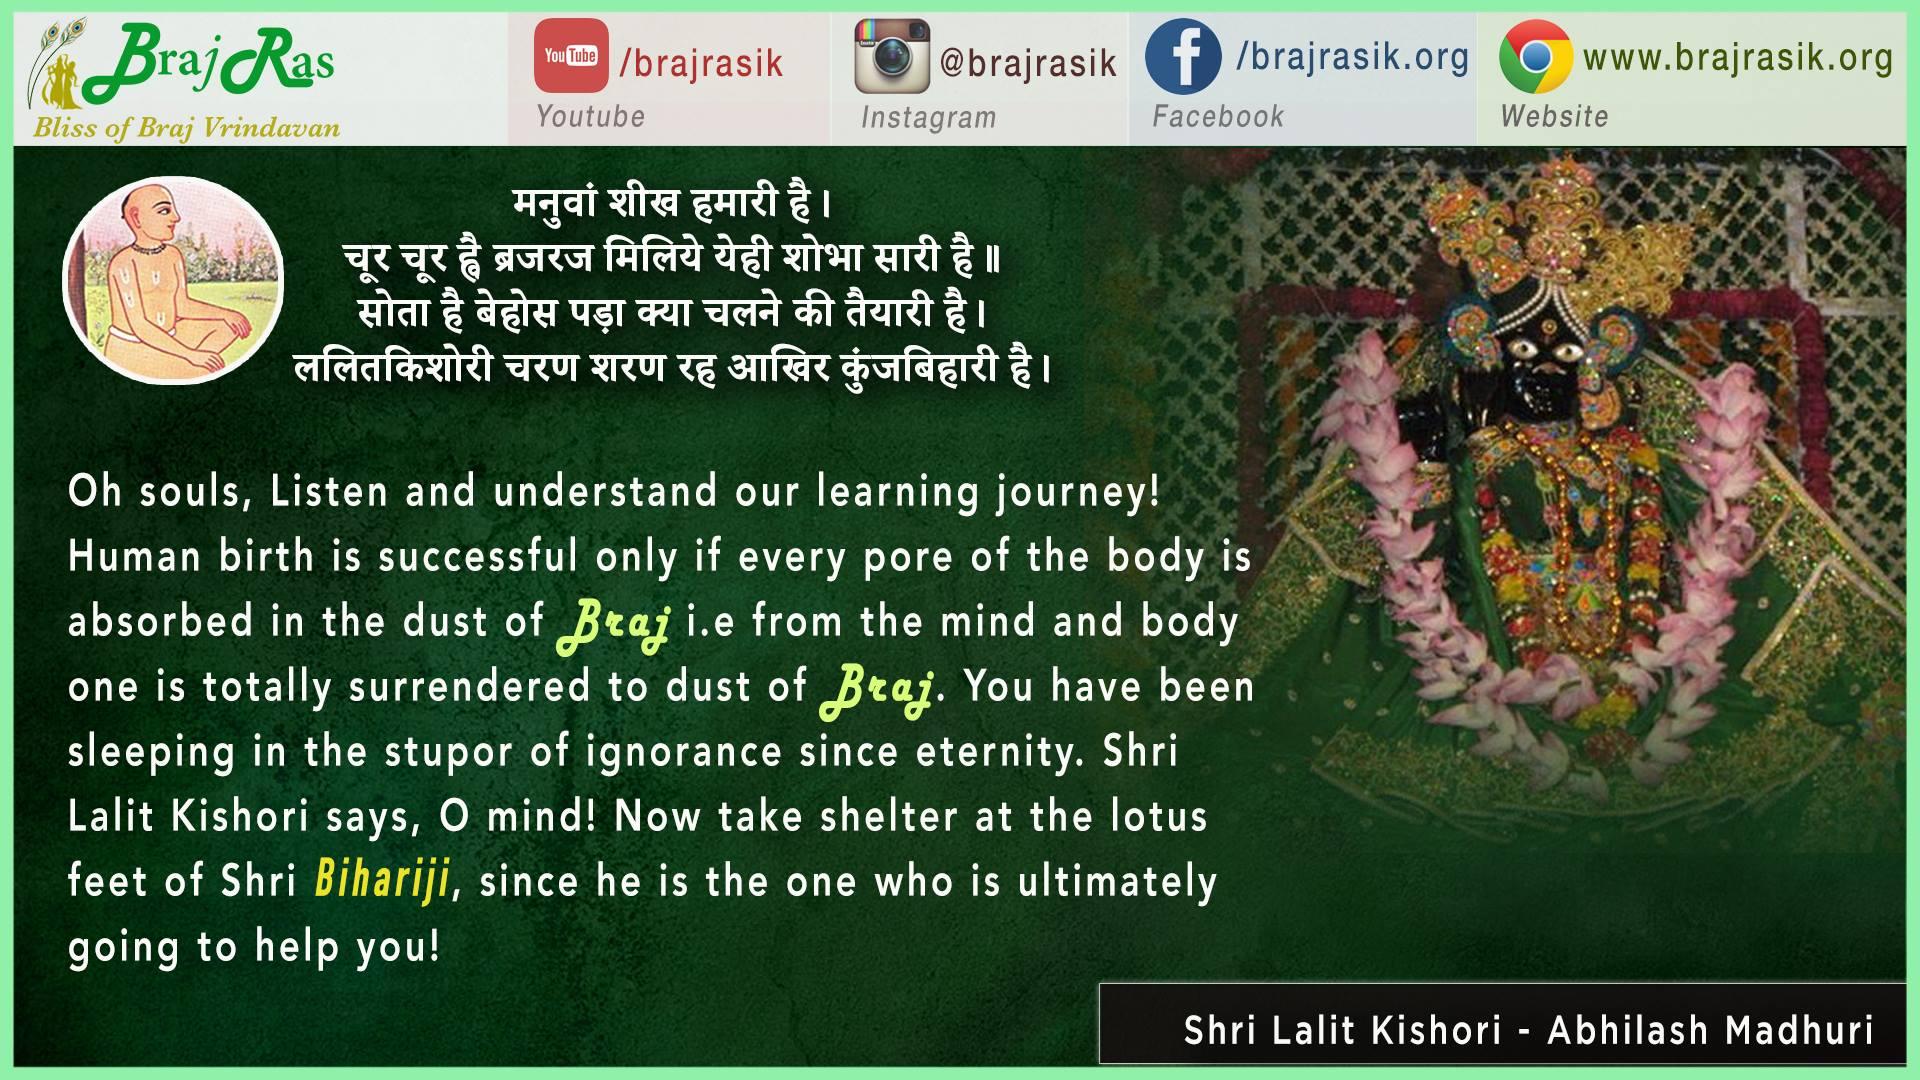 Manuva Sheekh Hamari Hai -  Shri Lalit Kishori - Abhilash Madhuri